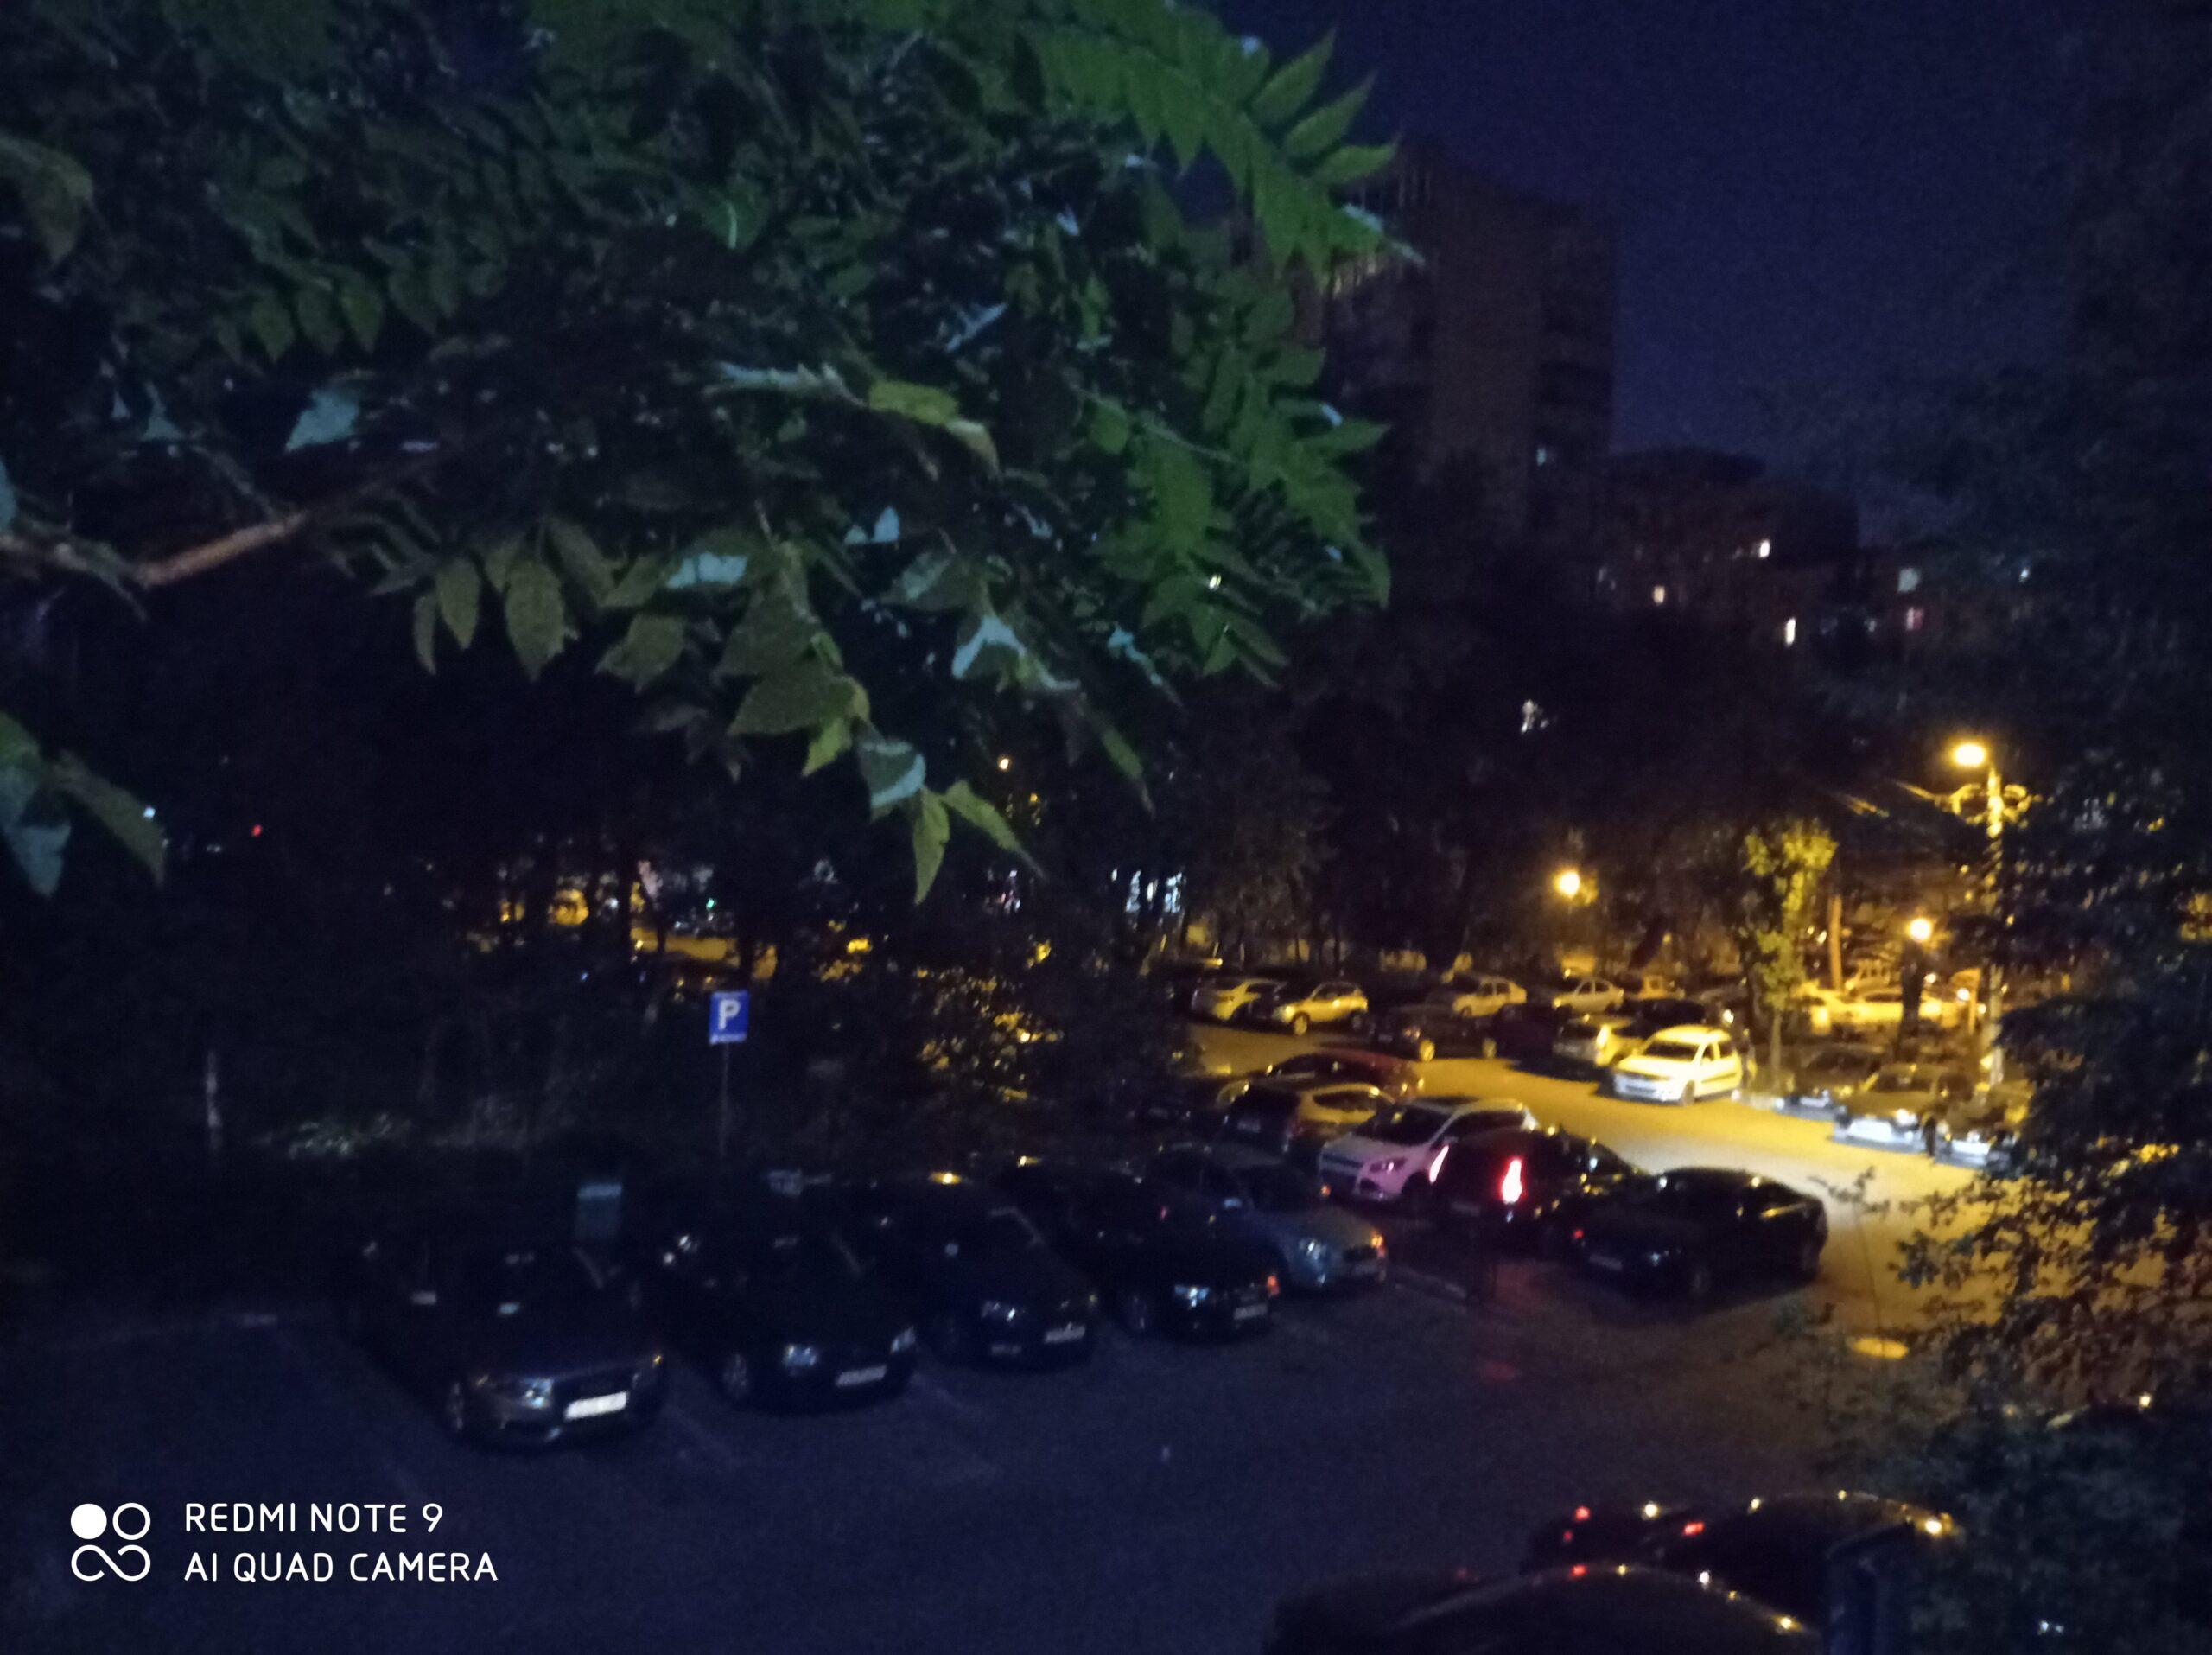 Xiaomi Redmi Note 9 Review Romana si Pareri - fotografii realizate 1